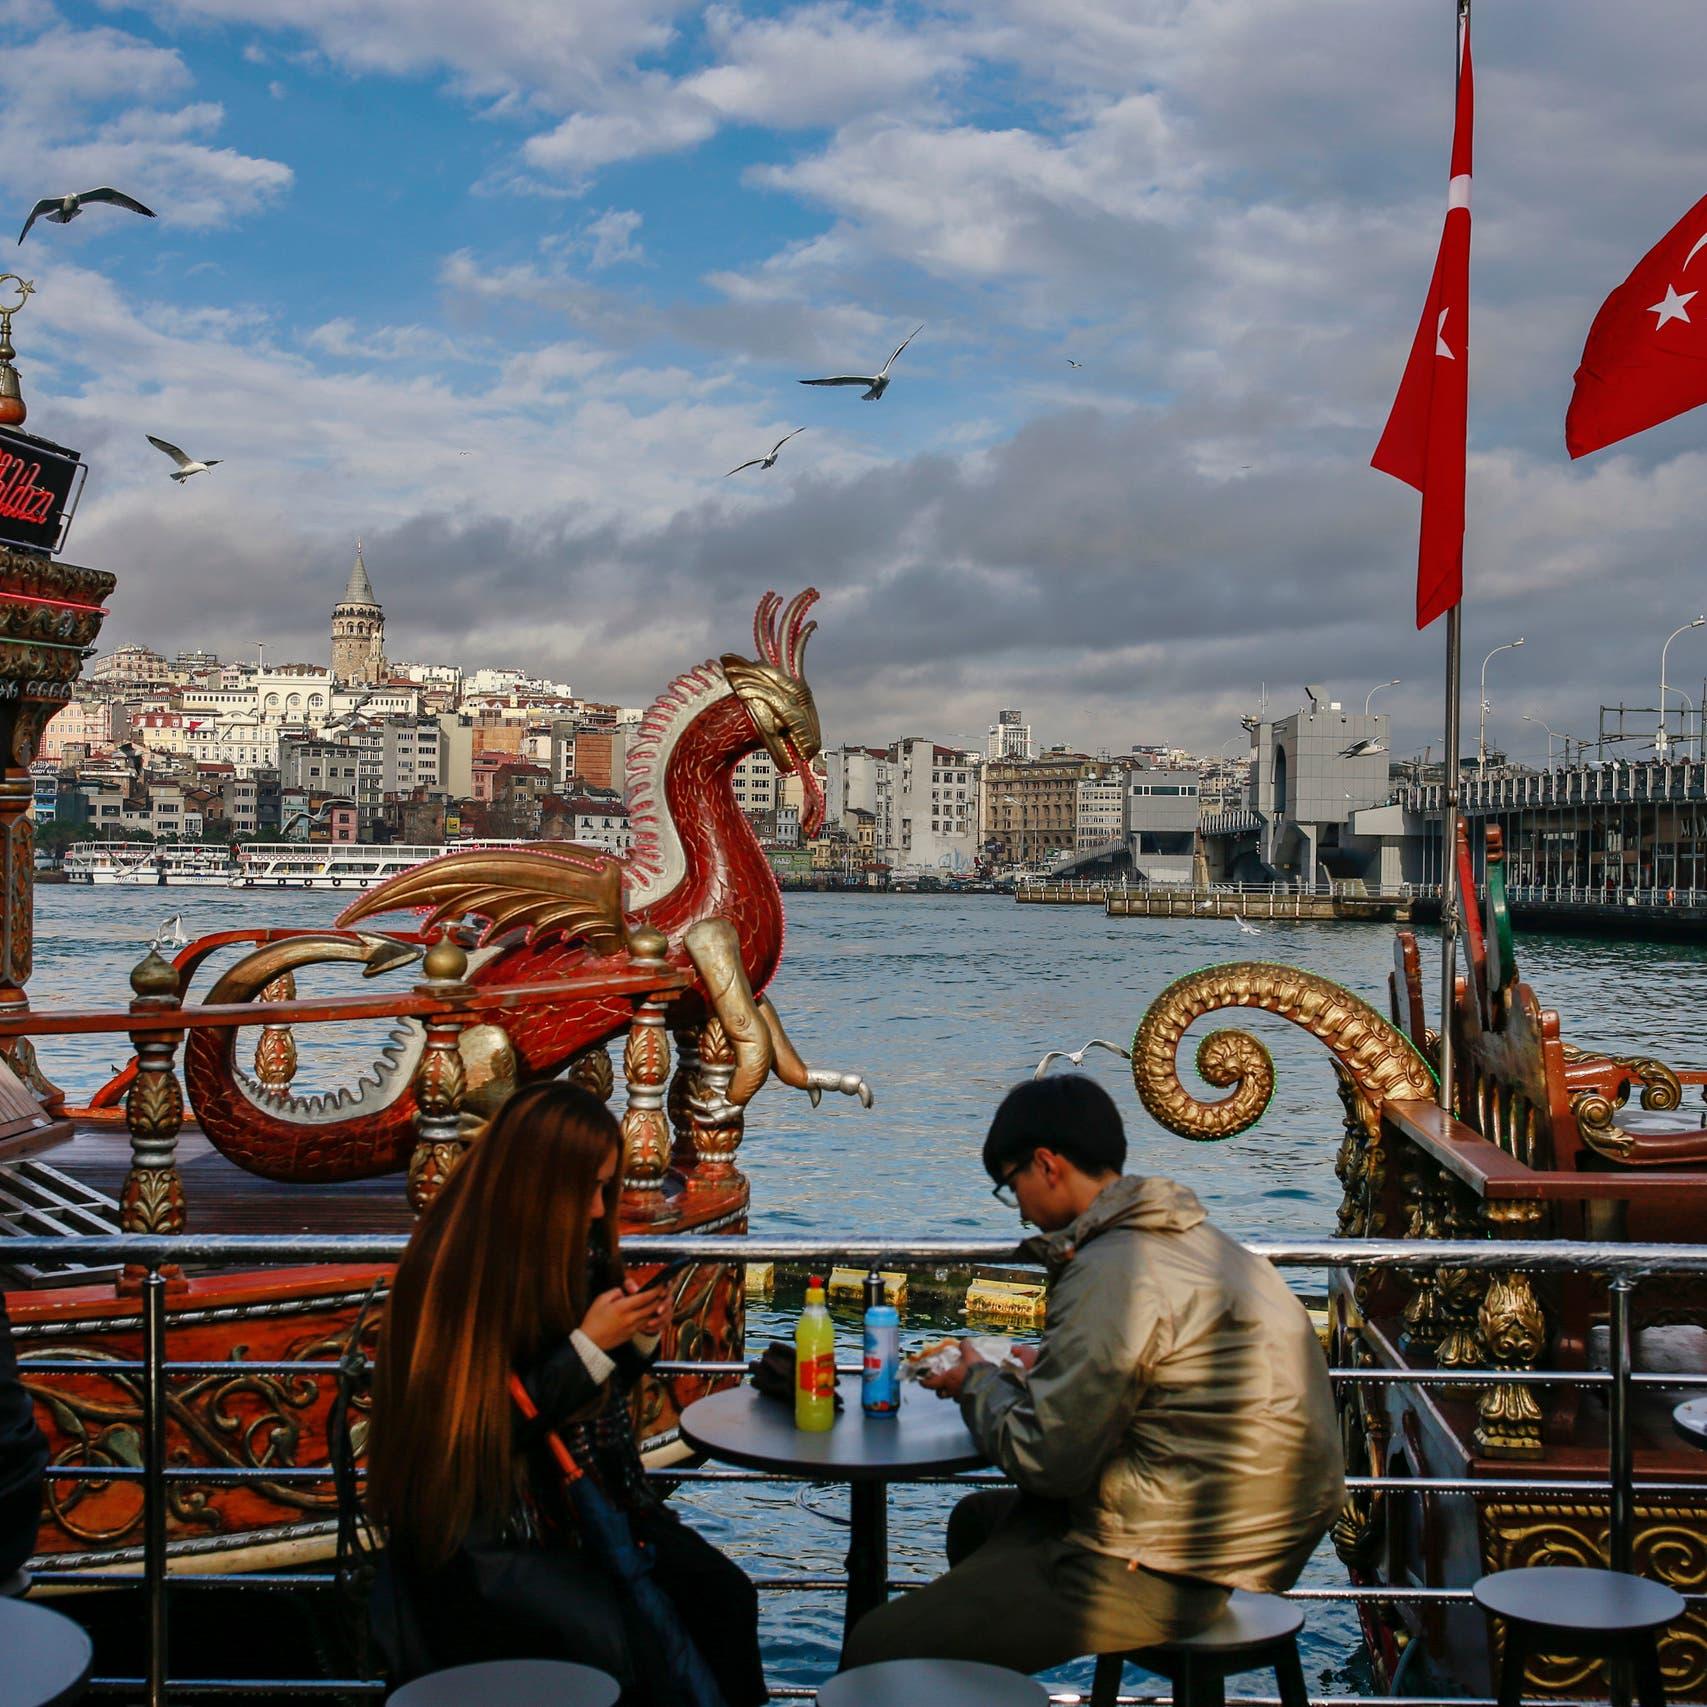 أزمة ثقة تعمق جراح الاقتصاد في تركيا